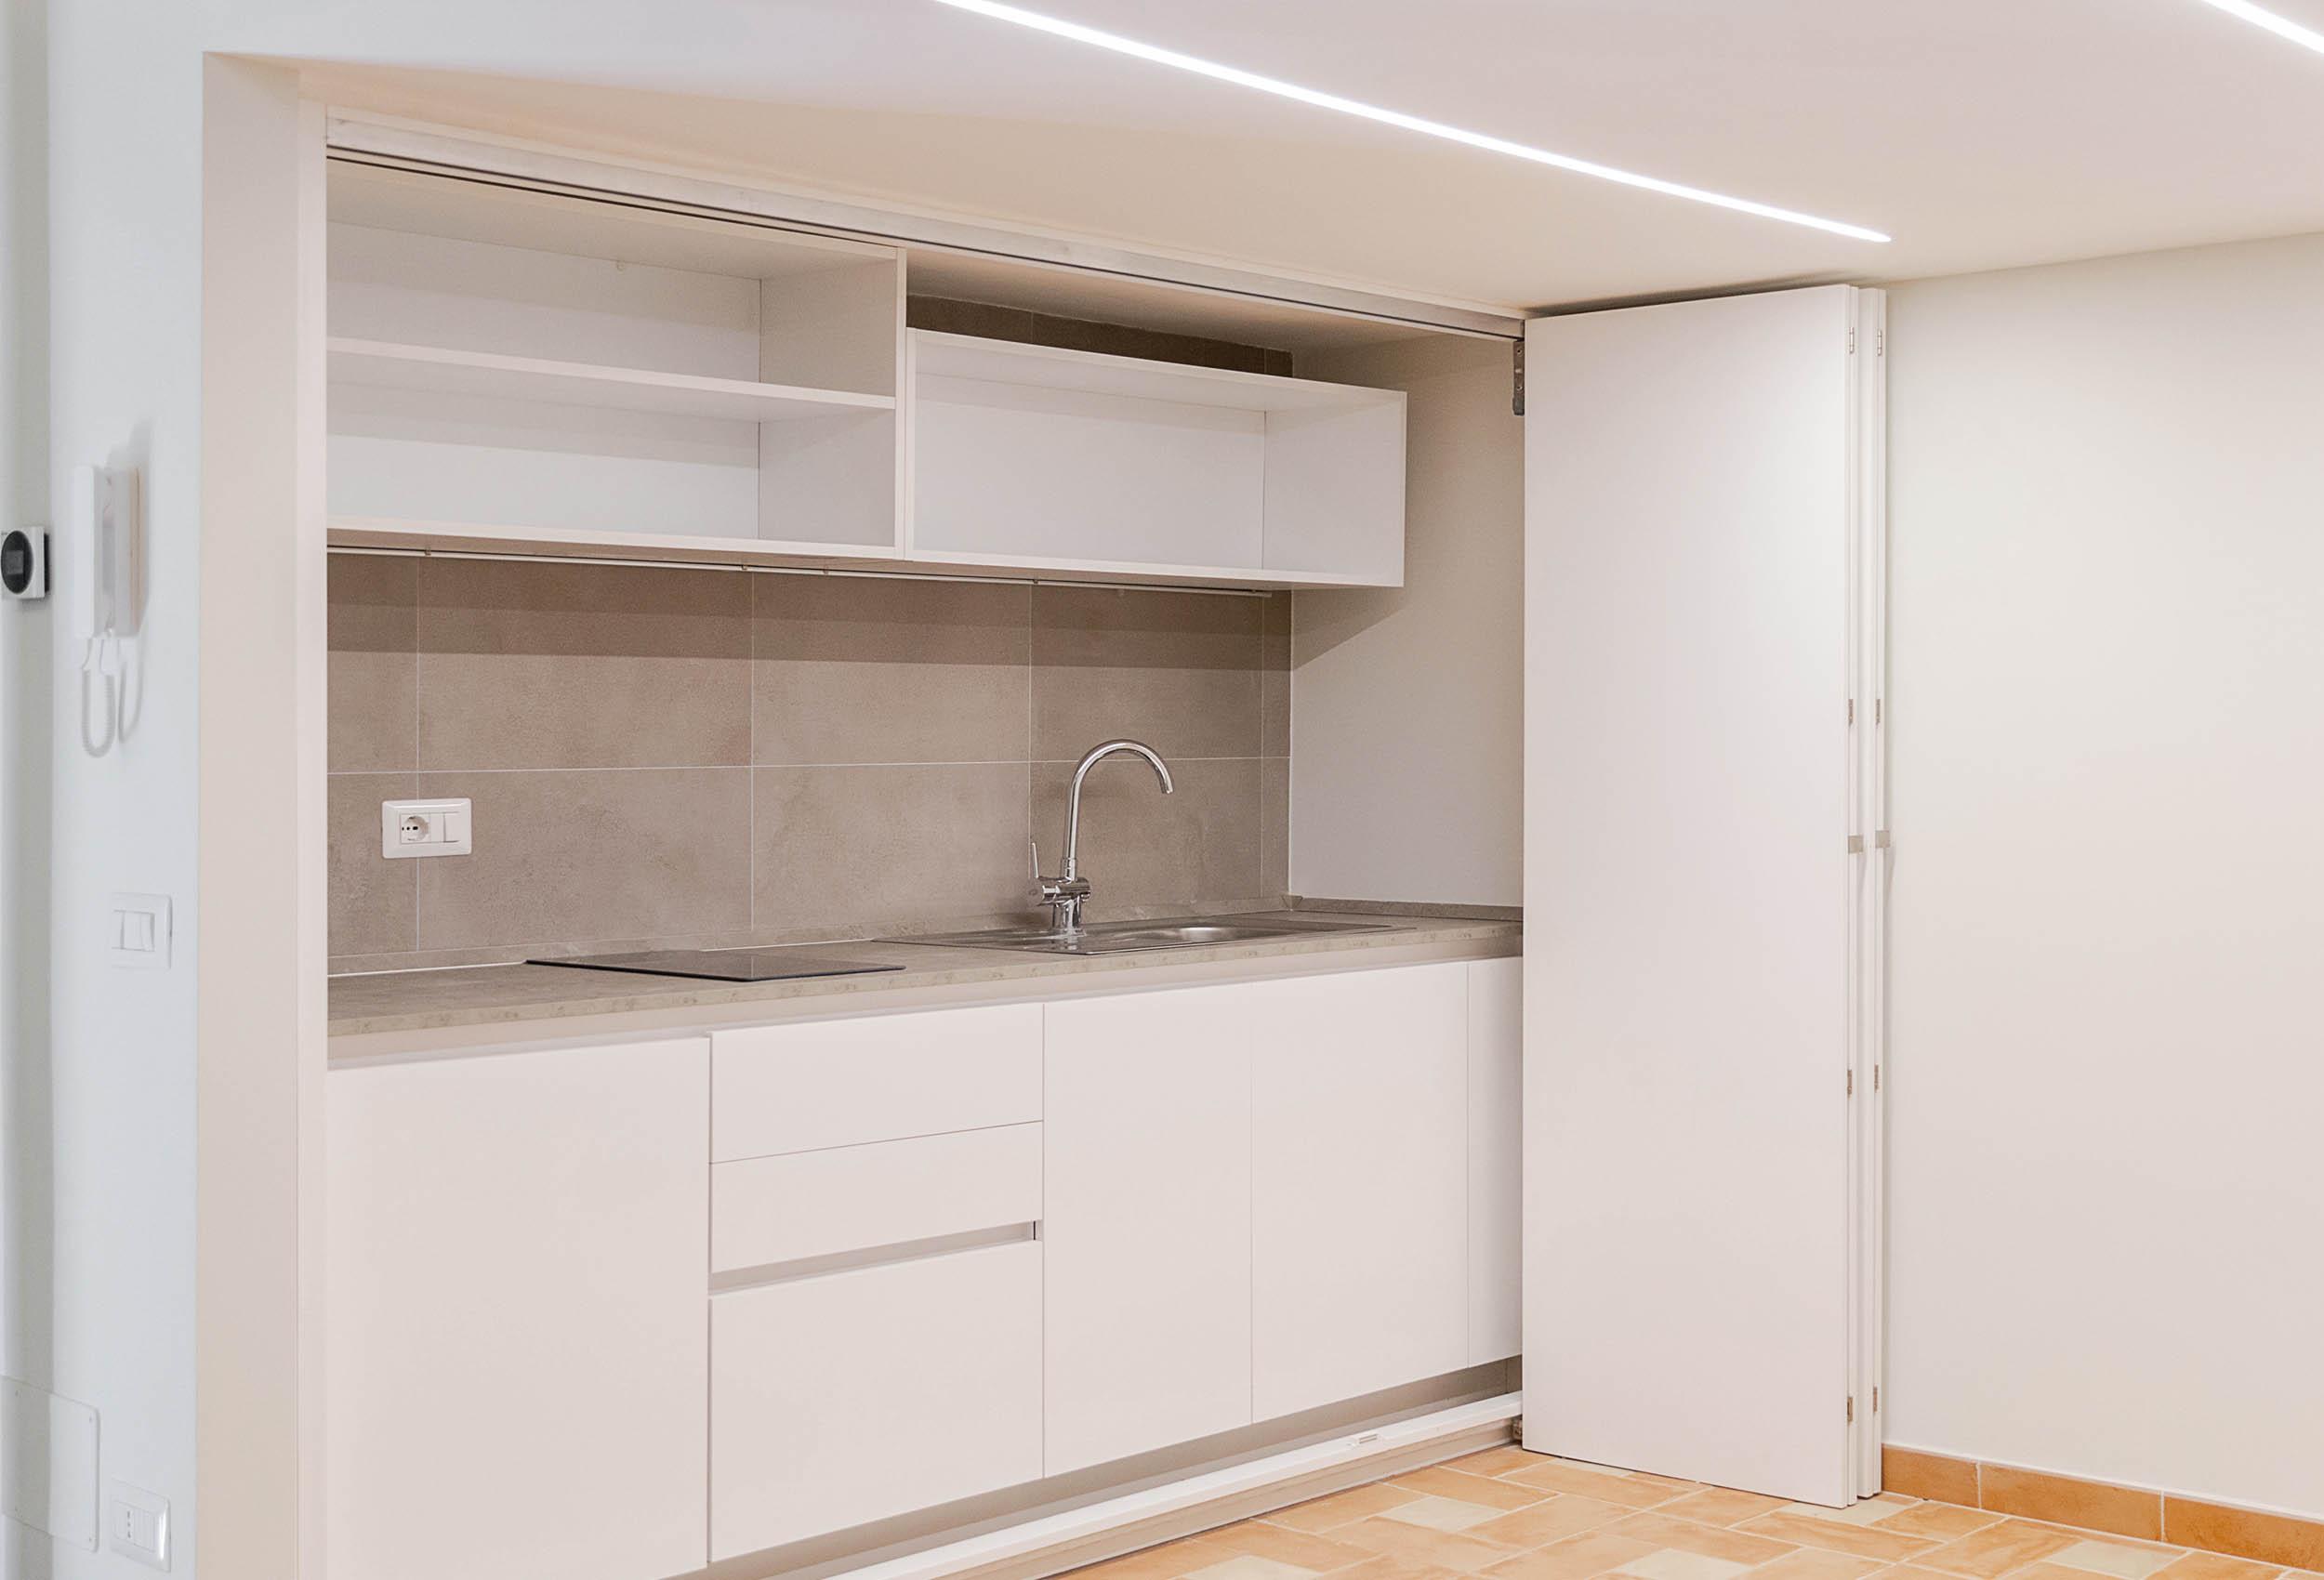 tipi-di-cucina-arredamento-disposizioni-illuminazione-cucina-a-scomparsa-studio-architettura-interior-design-roma2